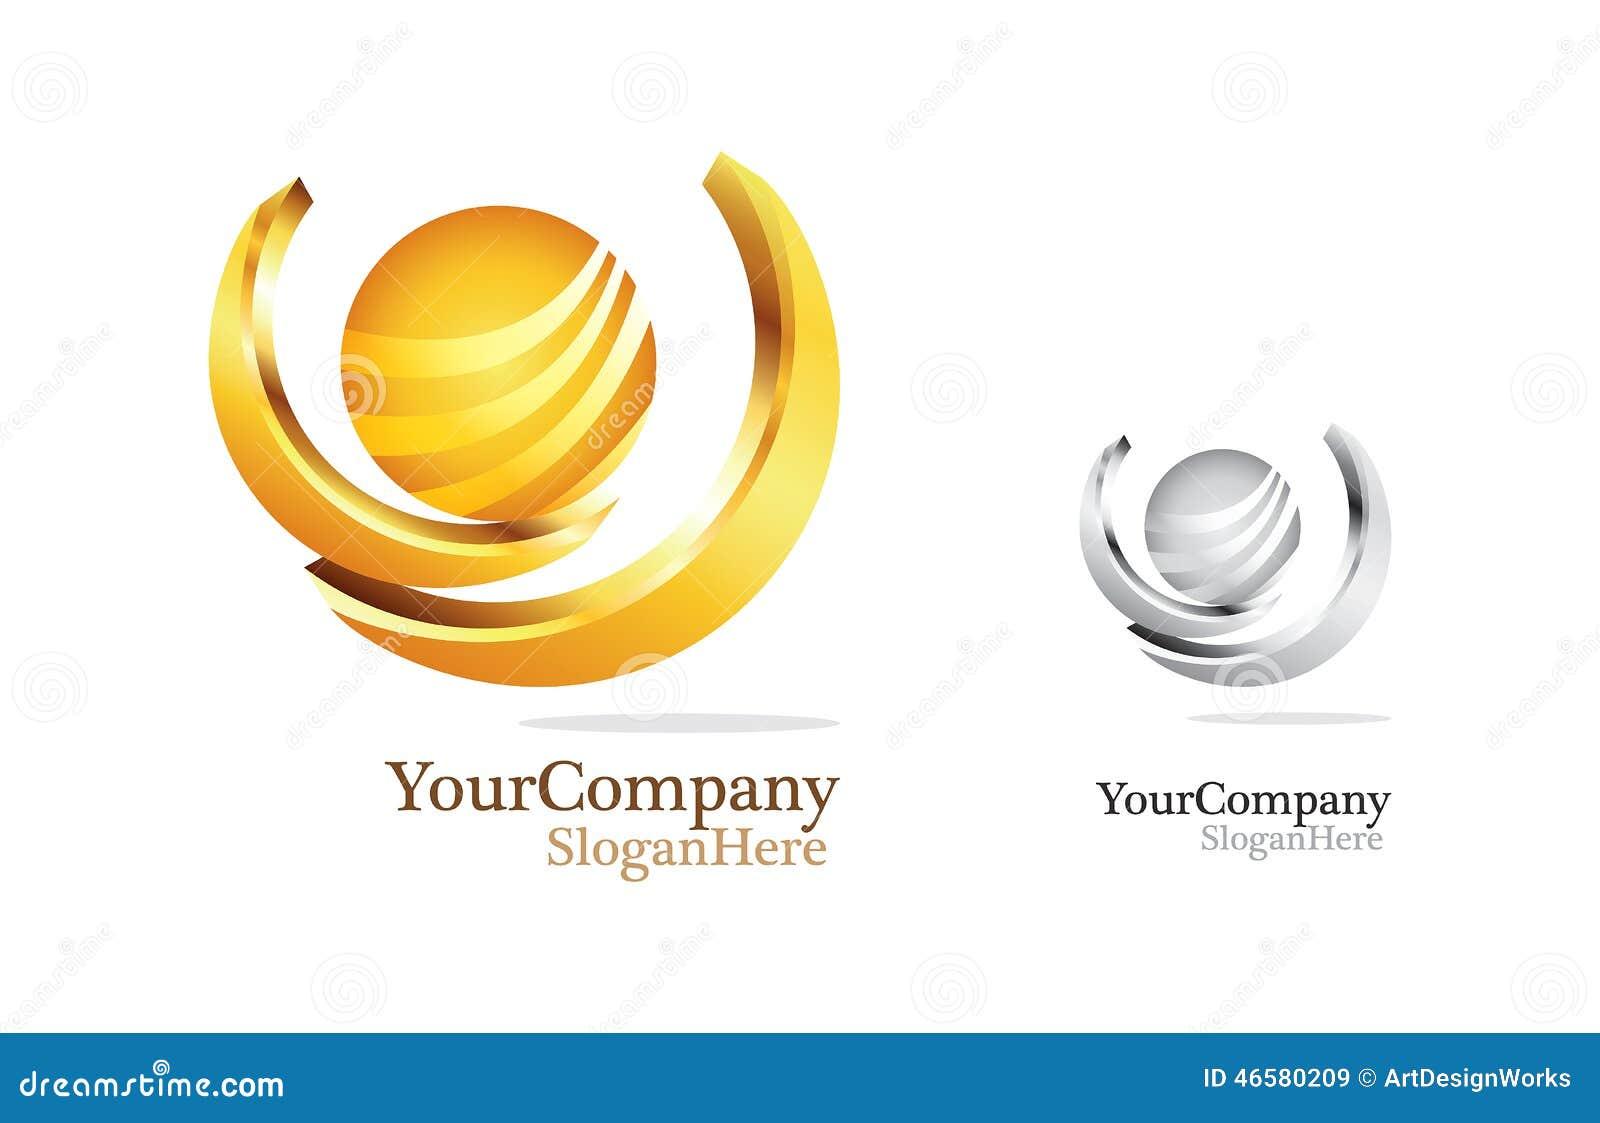 豪华商标业务设计